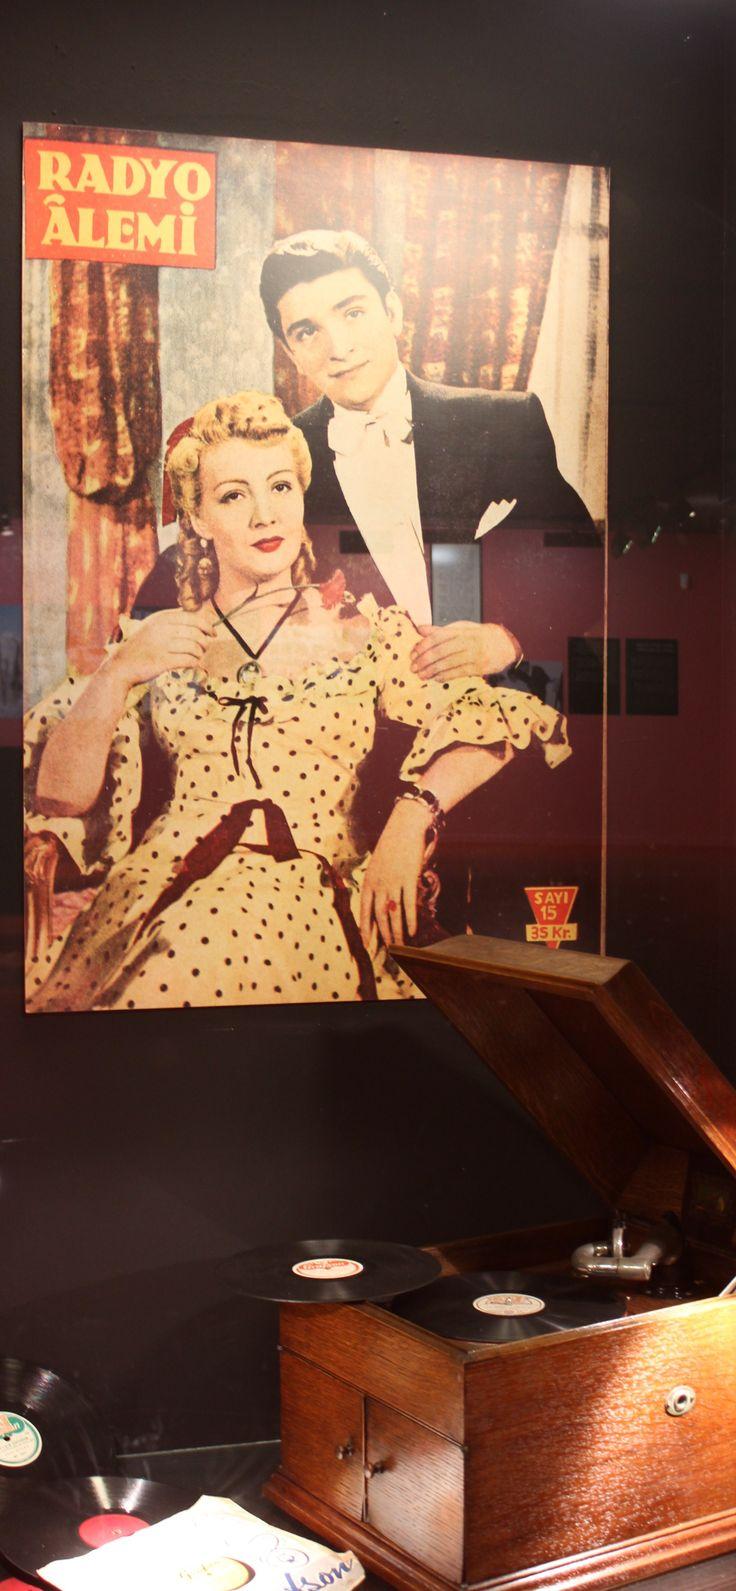 #zekimüren #istebenimzekimüren #art #sanat #exhibition #sergi #resim #yapıkredikulturmerkezi #istanbul #turkey